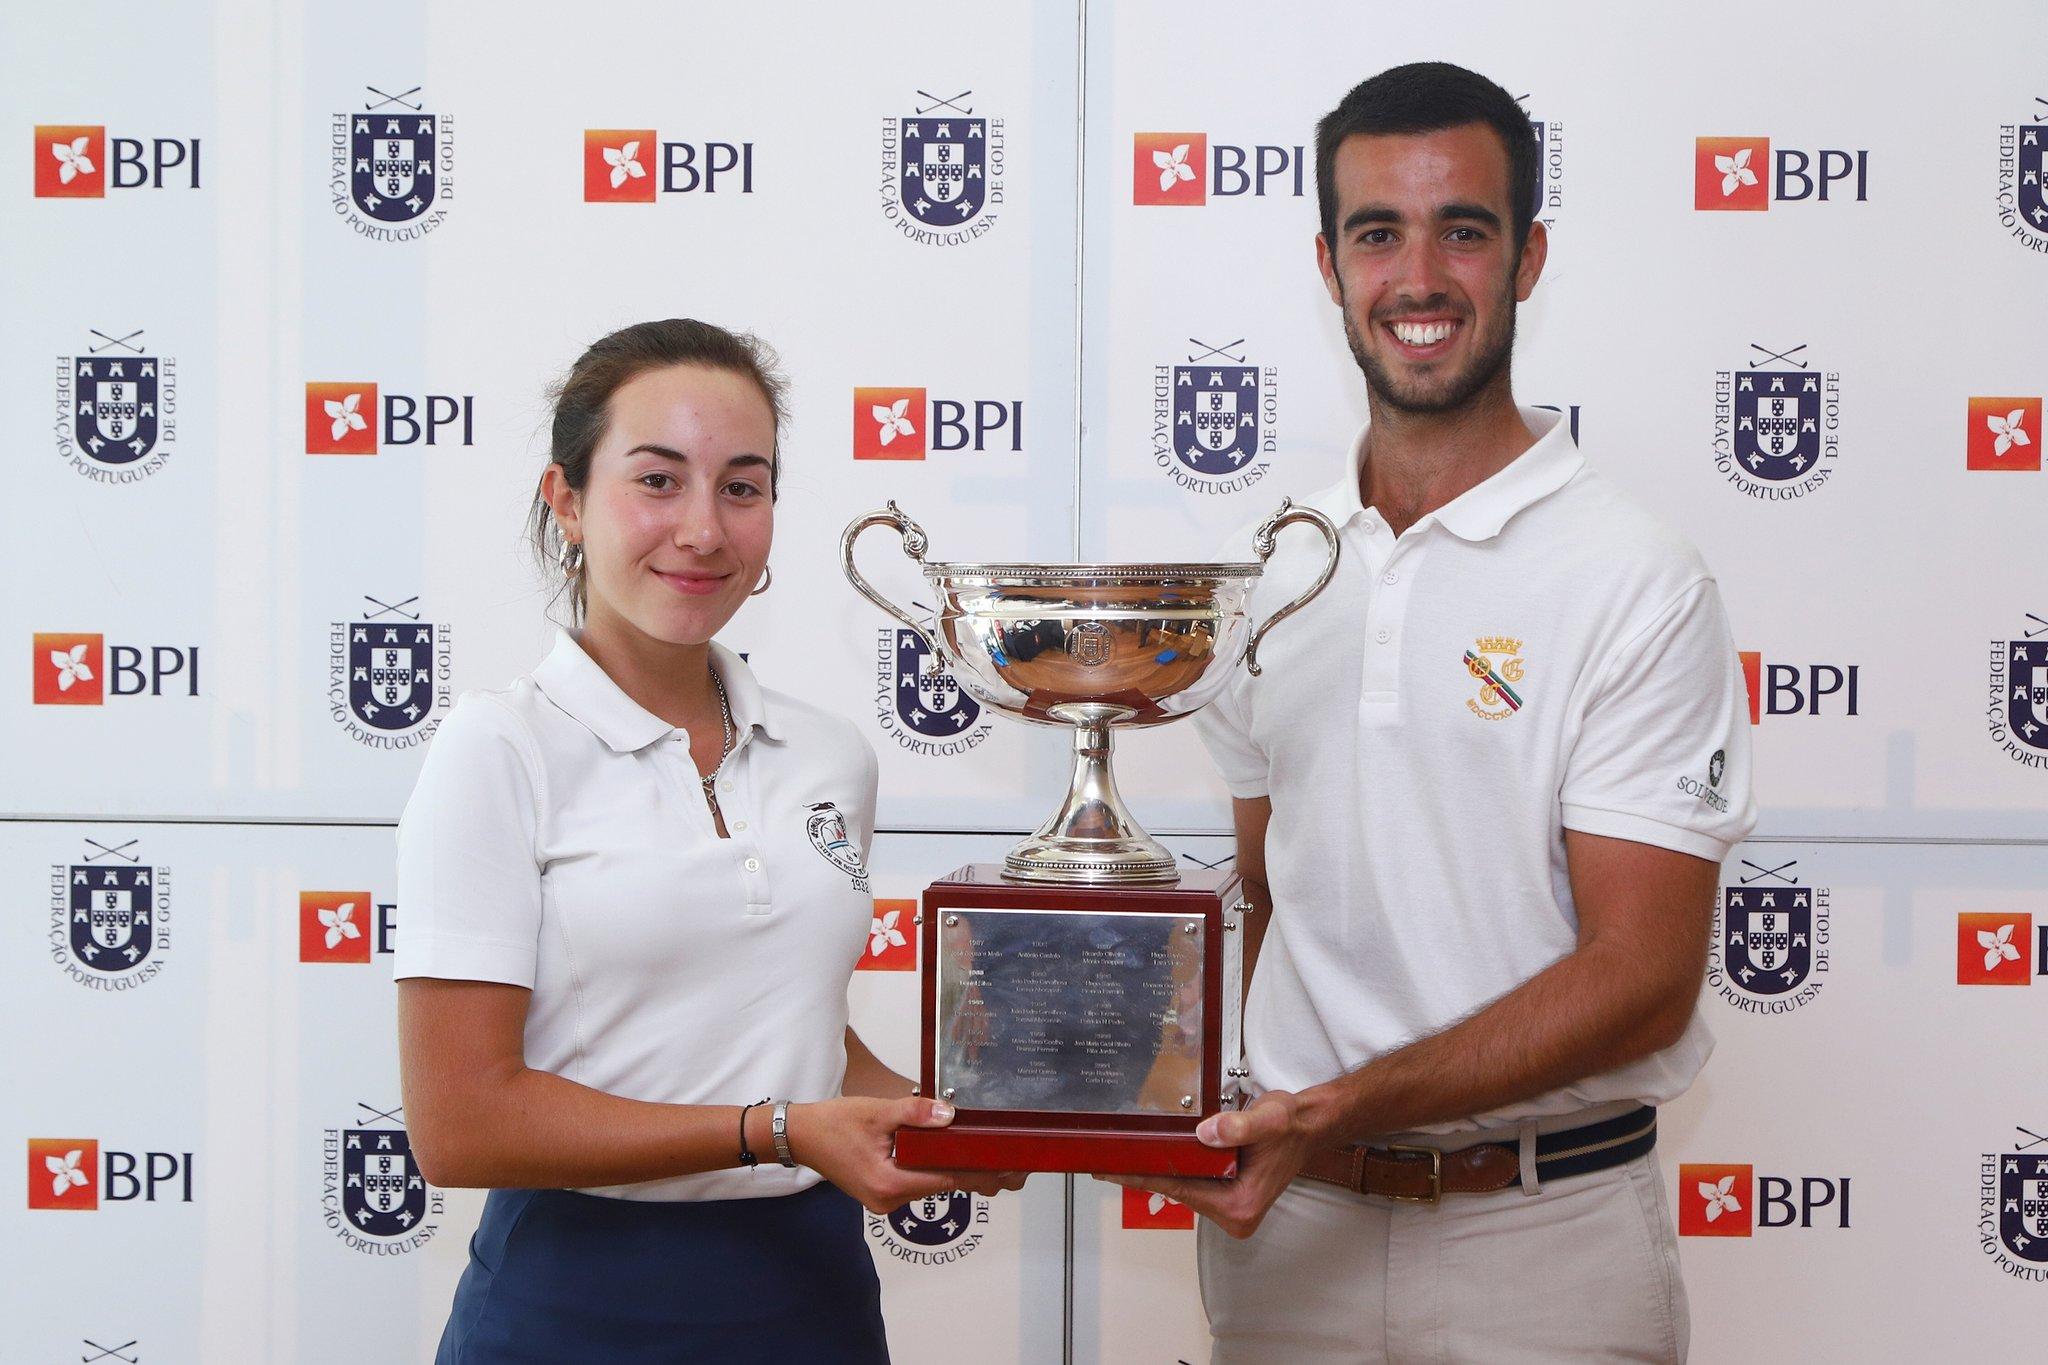 Taça da Federação Portuguesa de Golfe BPI – Vasco Alves e Rita Costa Marques vitoriosos